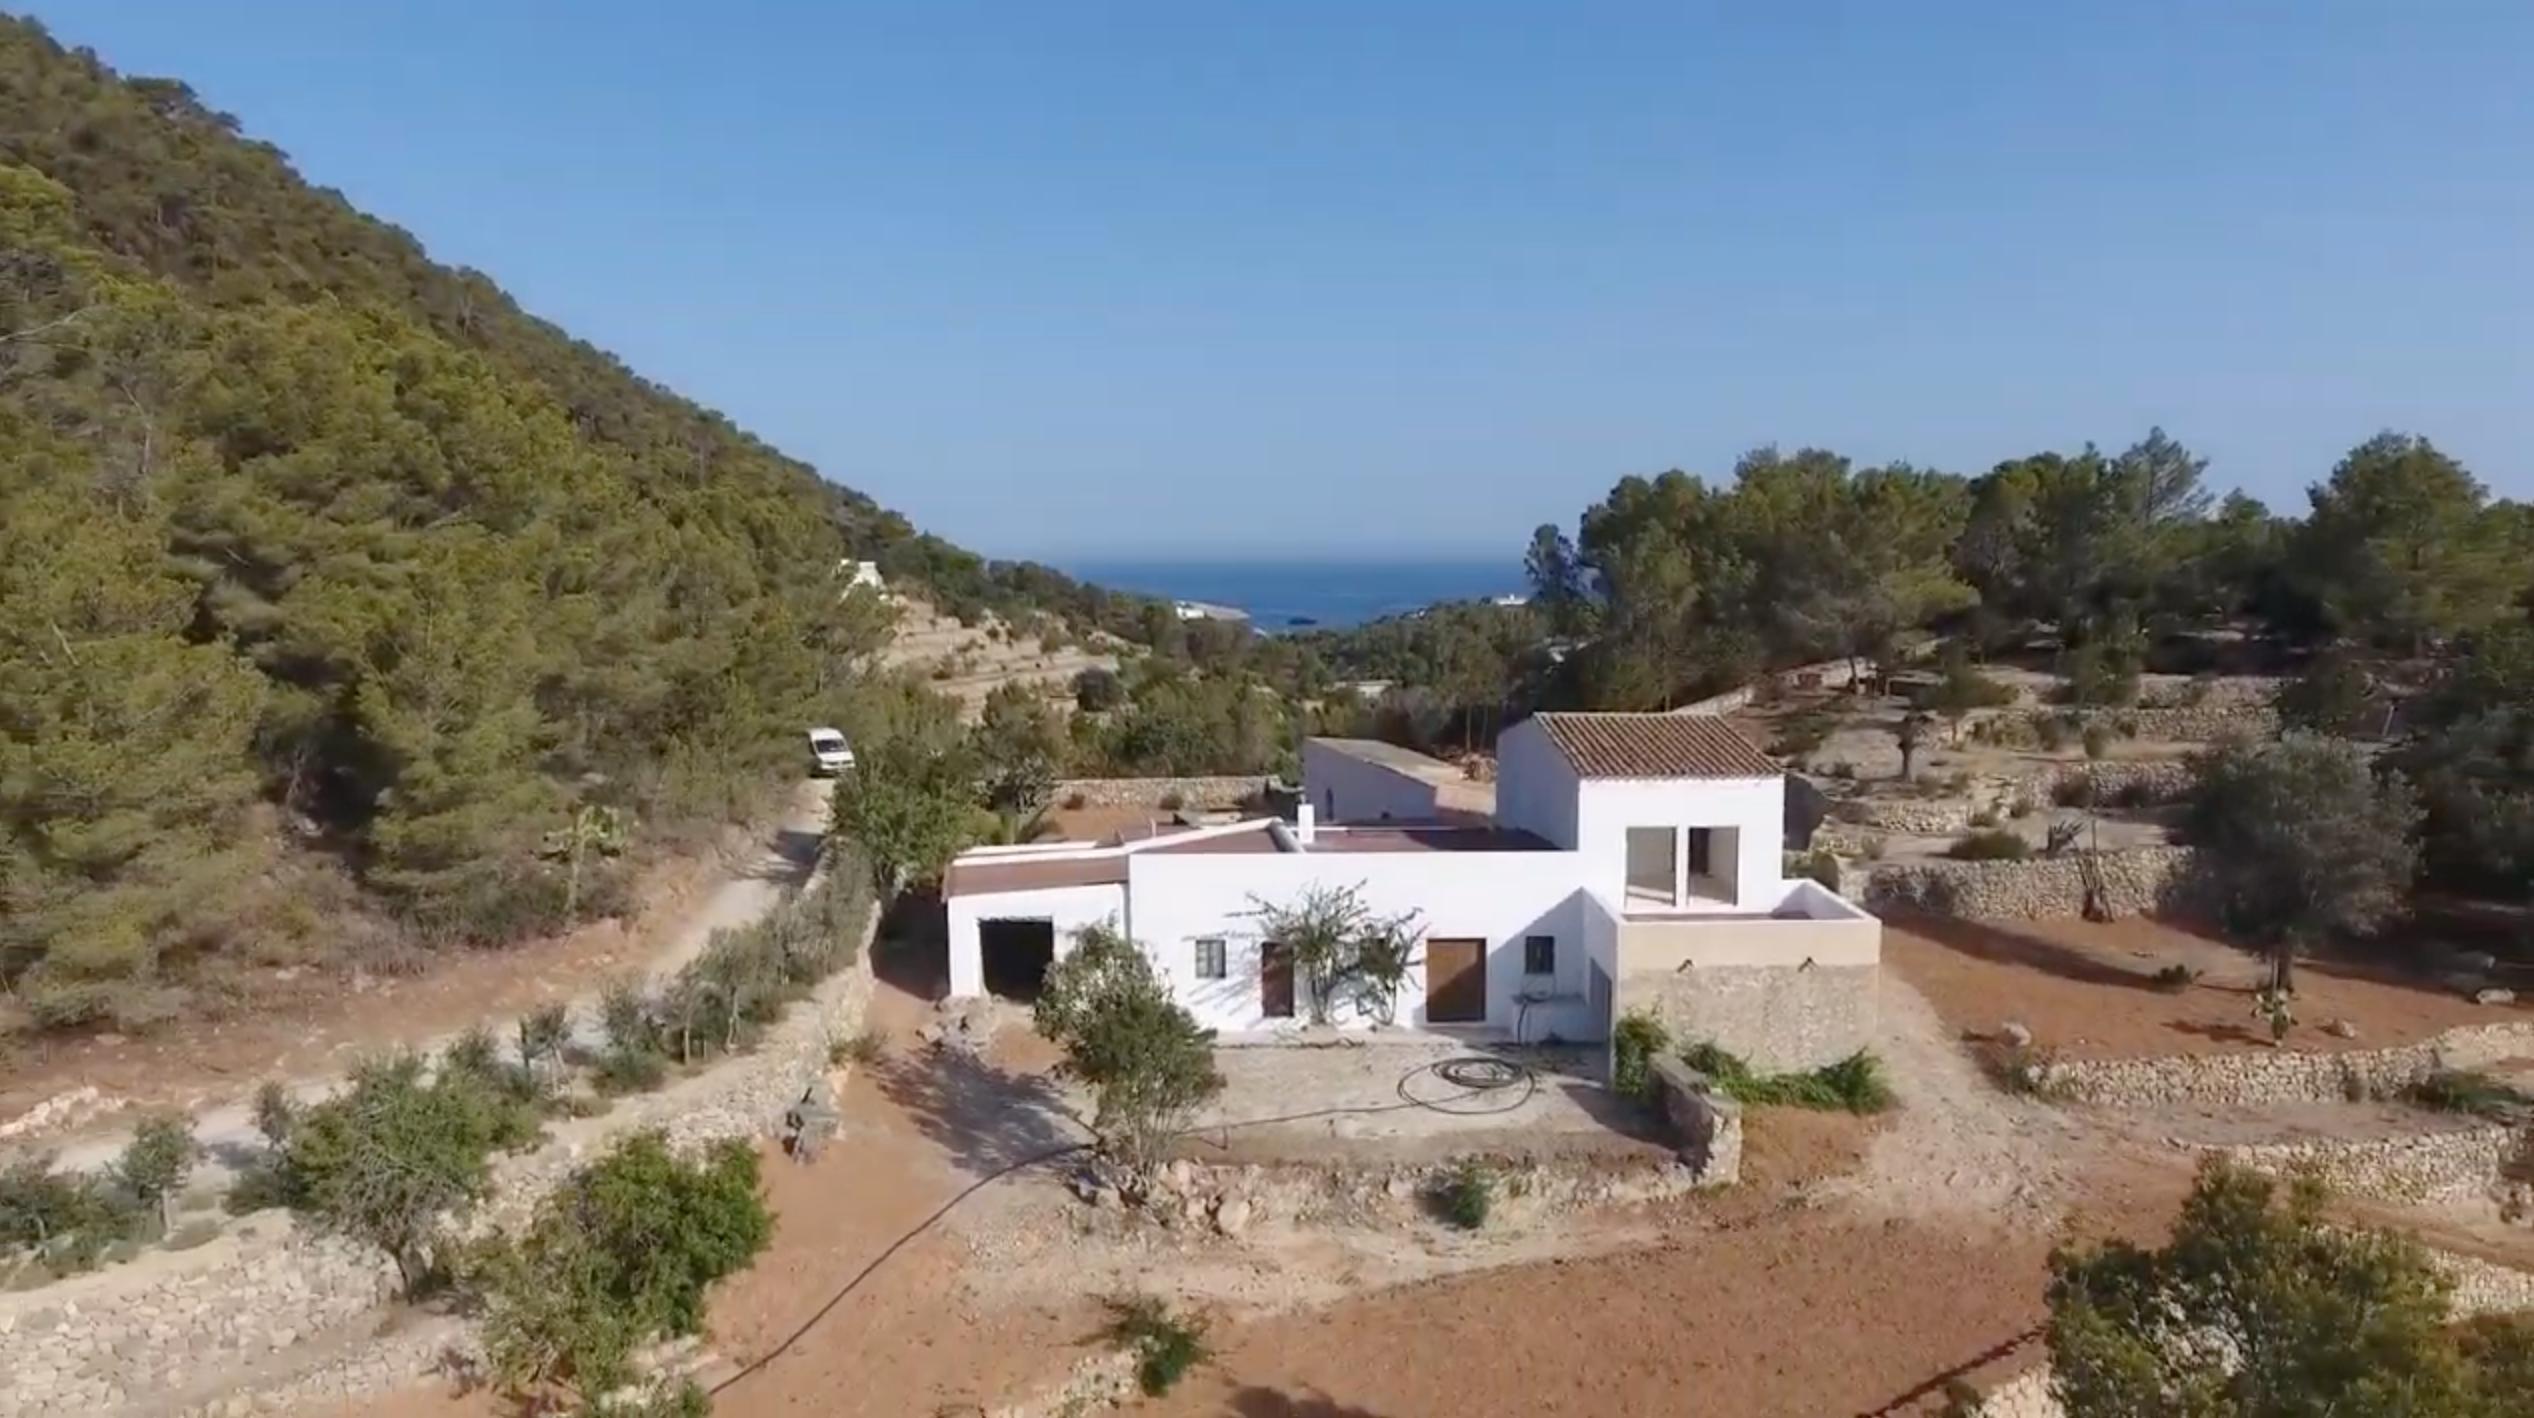 Terreno en venta en Ibiza: ¡Realiza tu sueño mediterráneo!